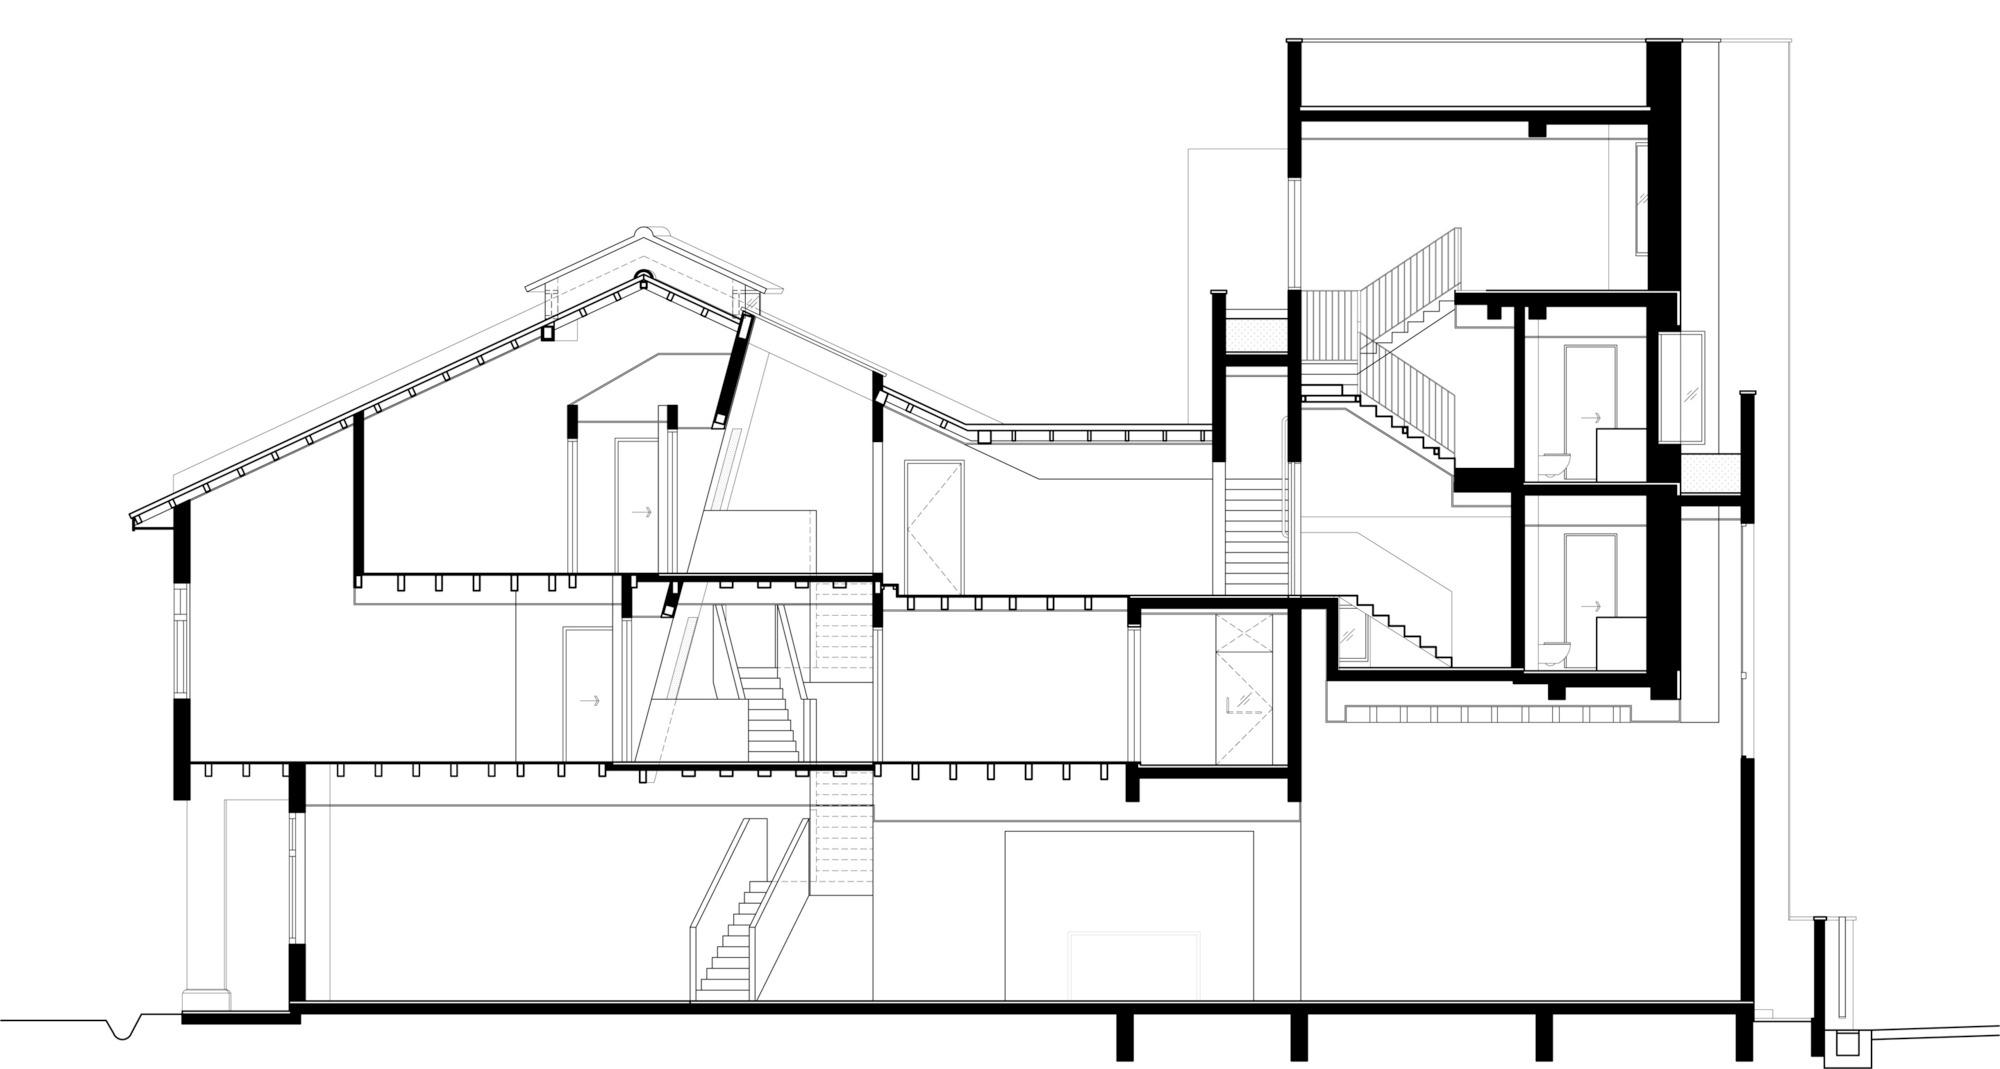 Gallery Of Gallery House Lekker Design 6